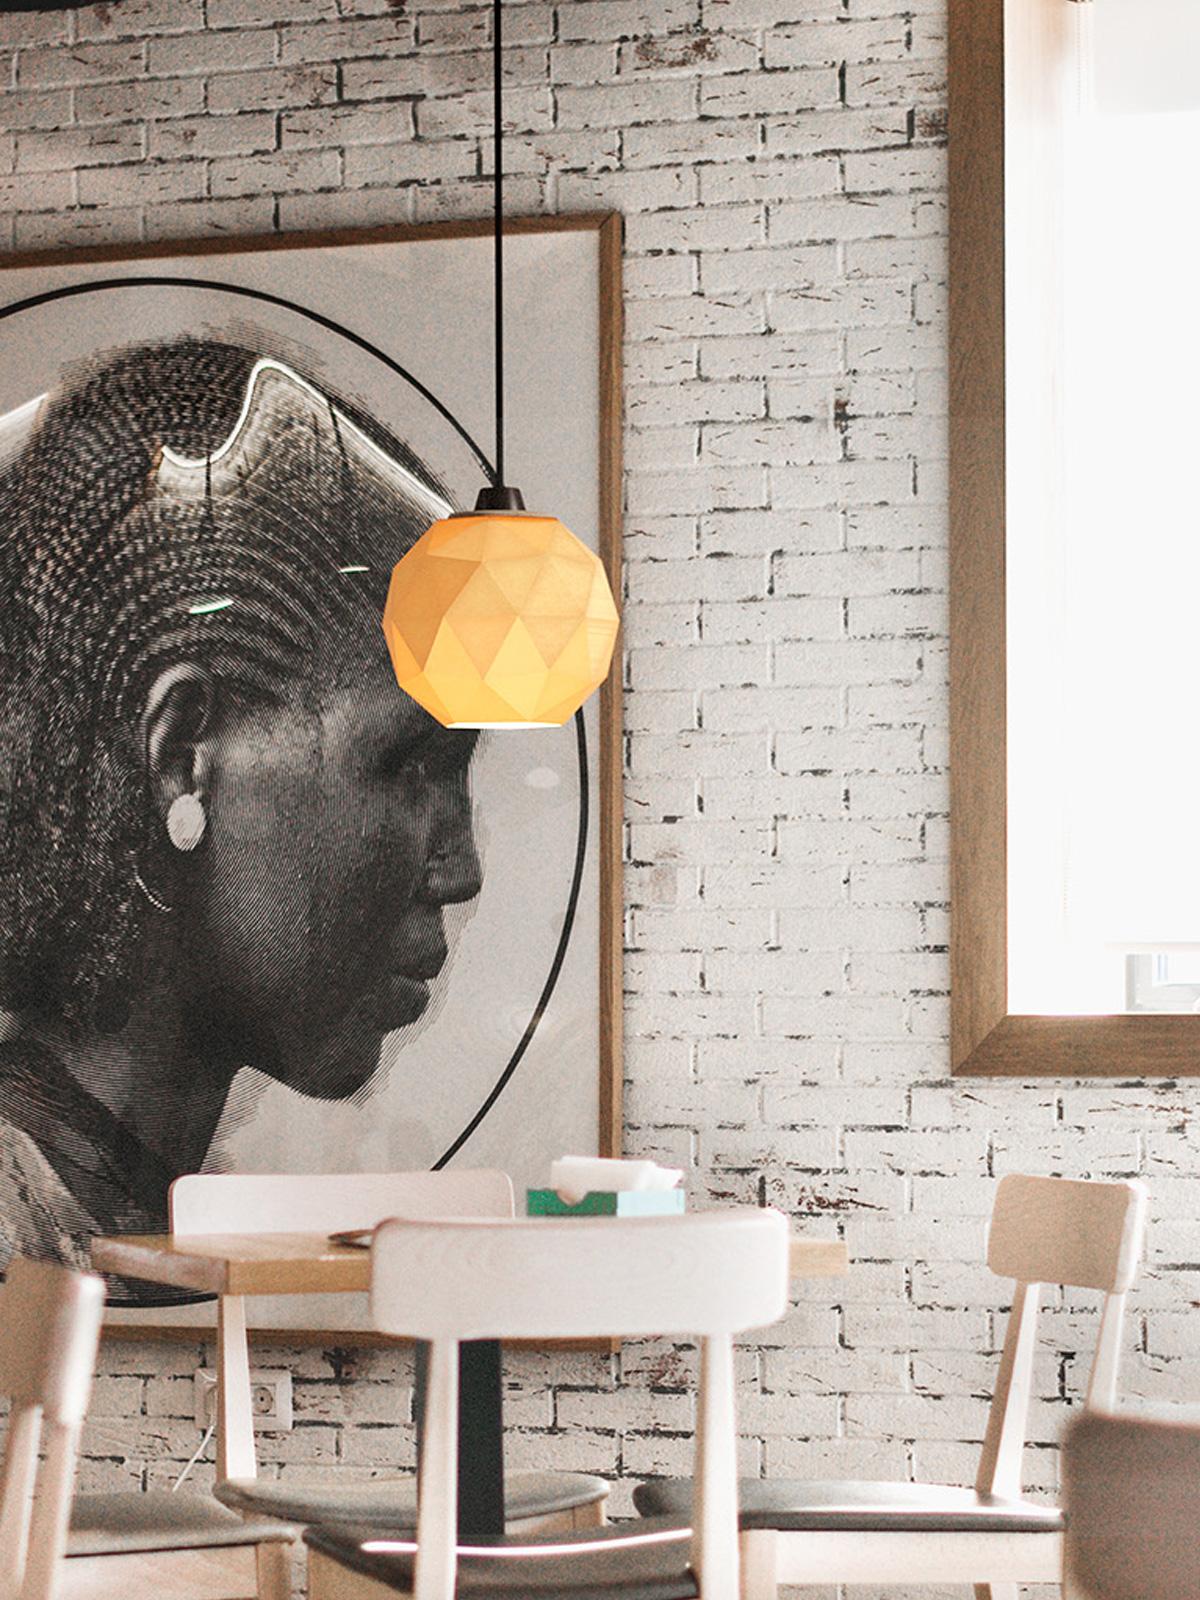 DesignOrt Blog: Die Designwelt von Polyluma Mono Ico Pendelleuchte aus dem 3 D Drucker